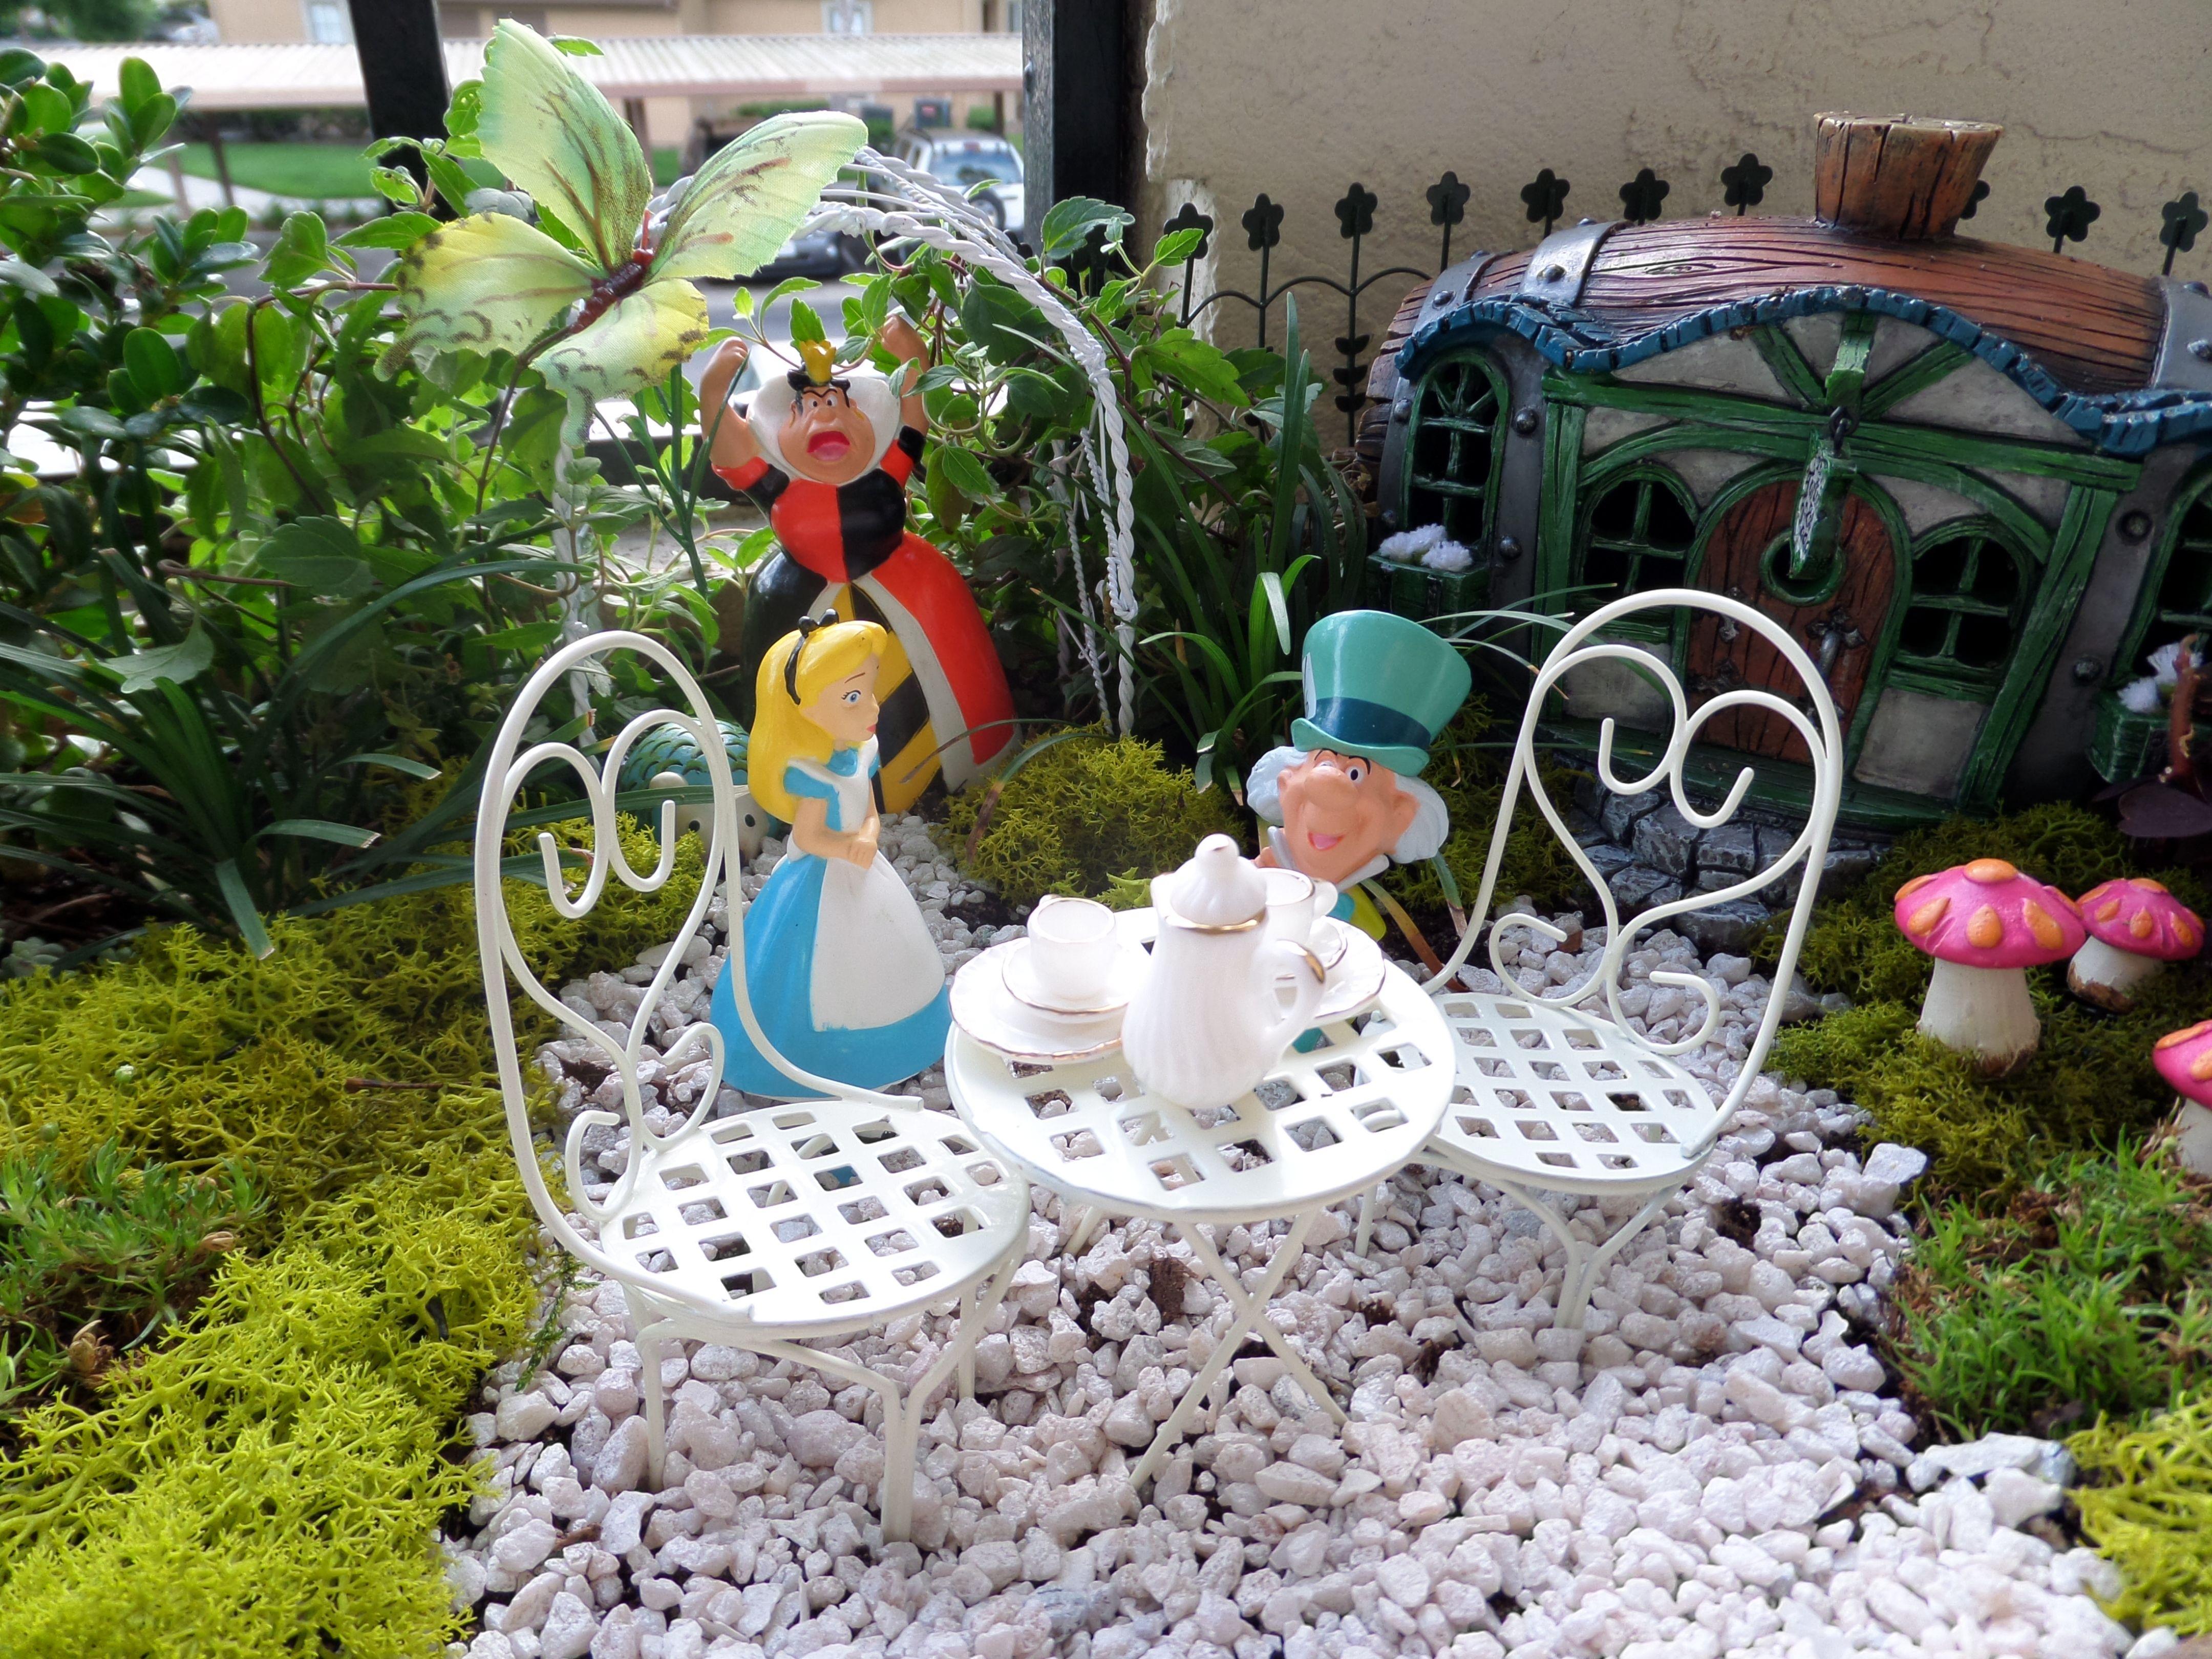 Alice In Wonderland Garden On My Patio Gardens Pinterest